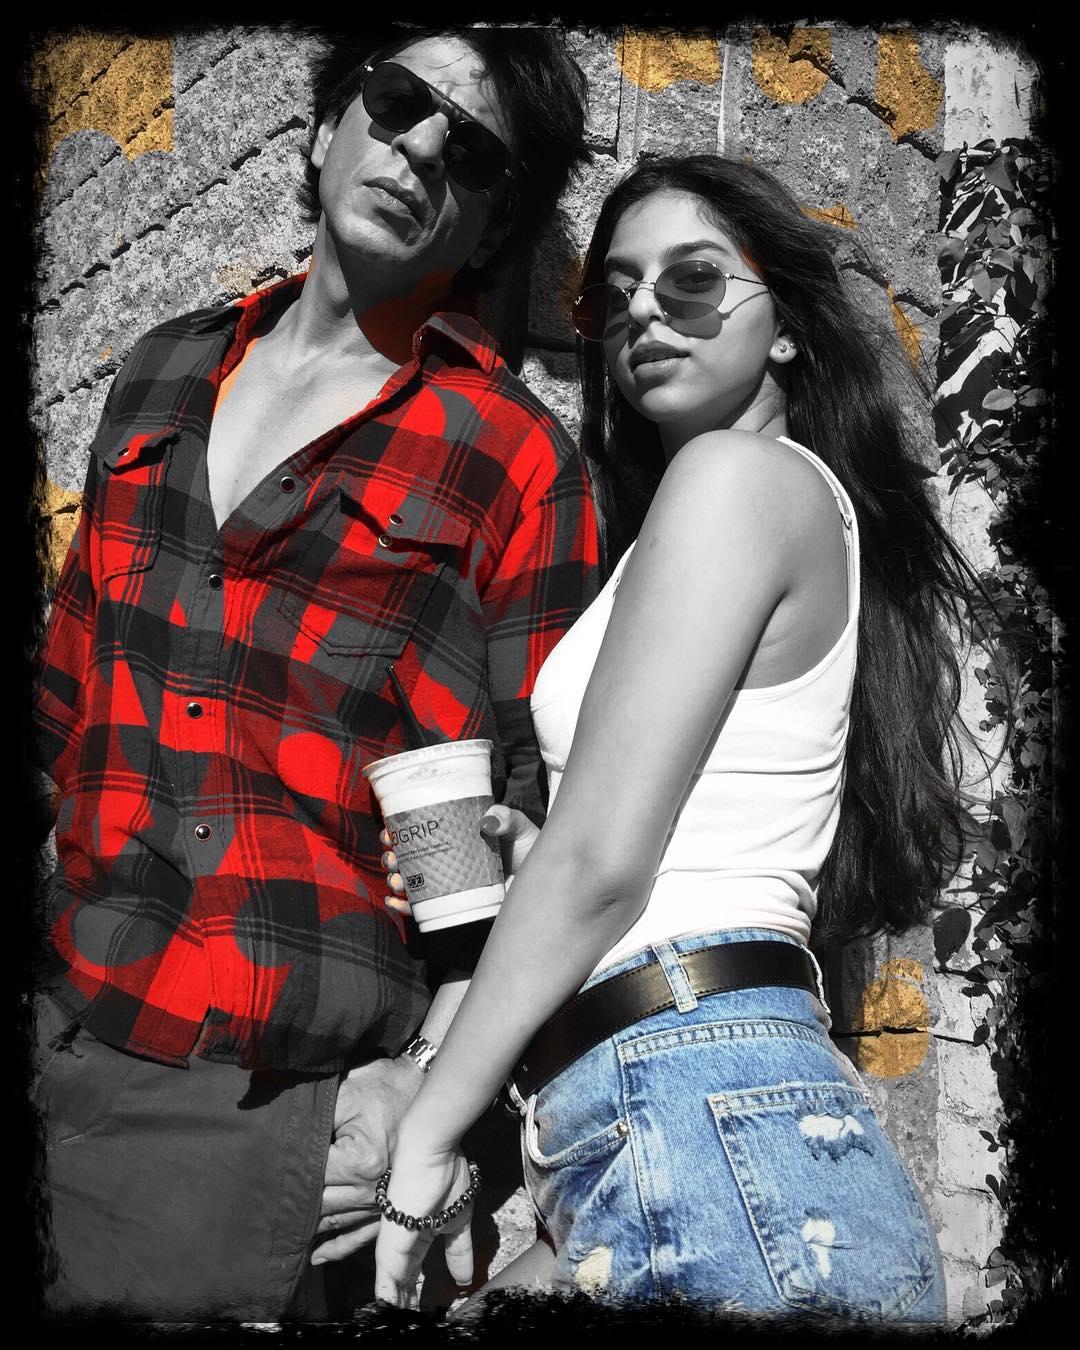 Shahrukh Possesive About Suhana